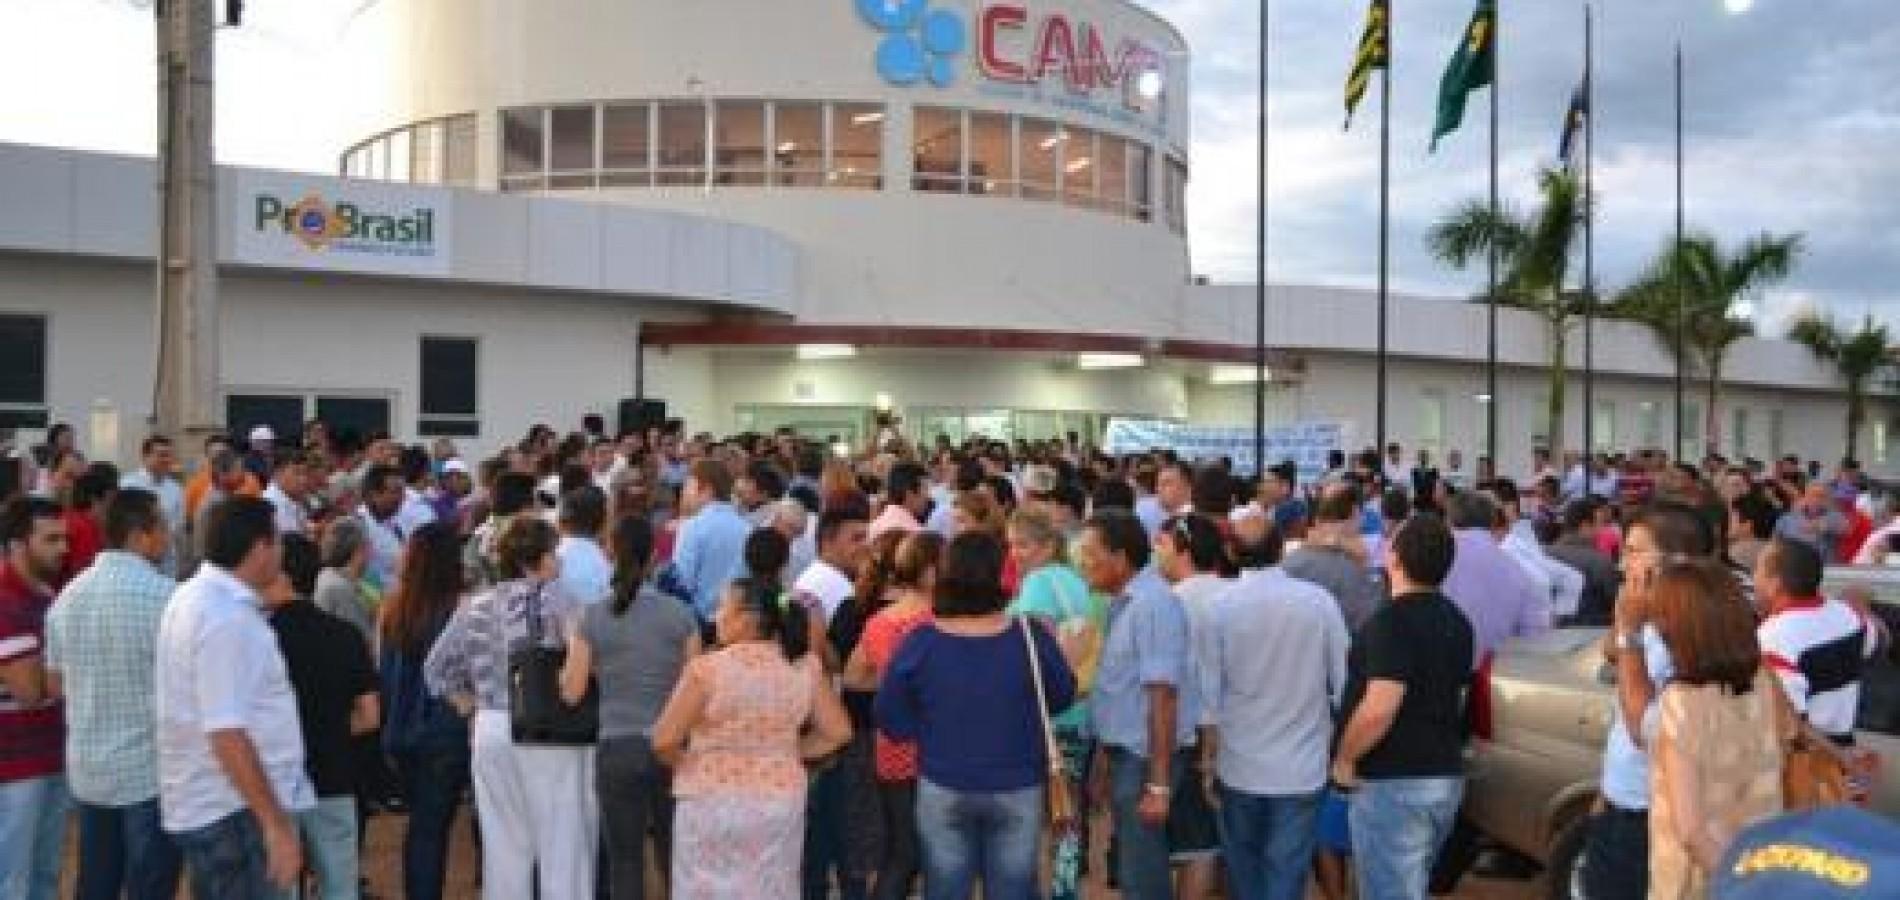 Policlínica de Picos é inaugurada com a presença de grande público. Veja!